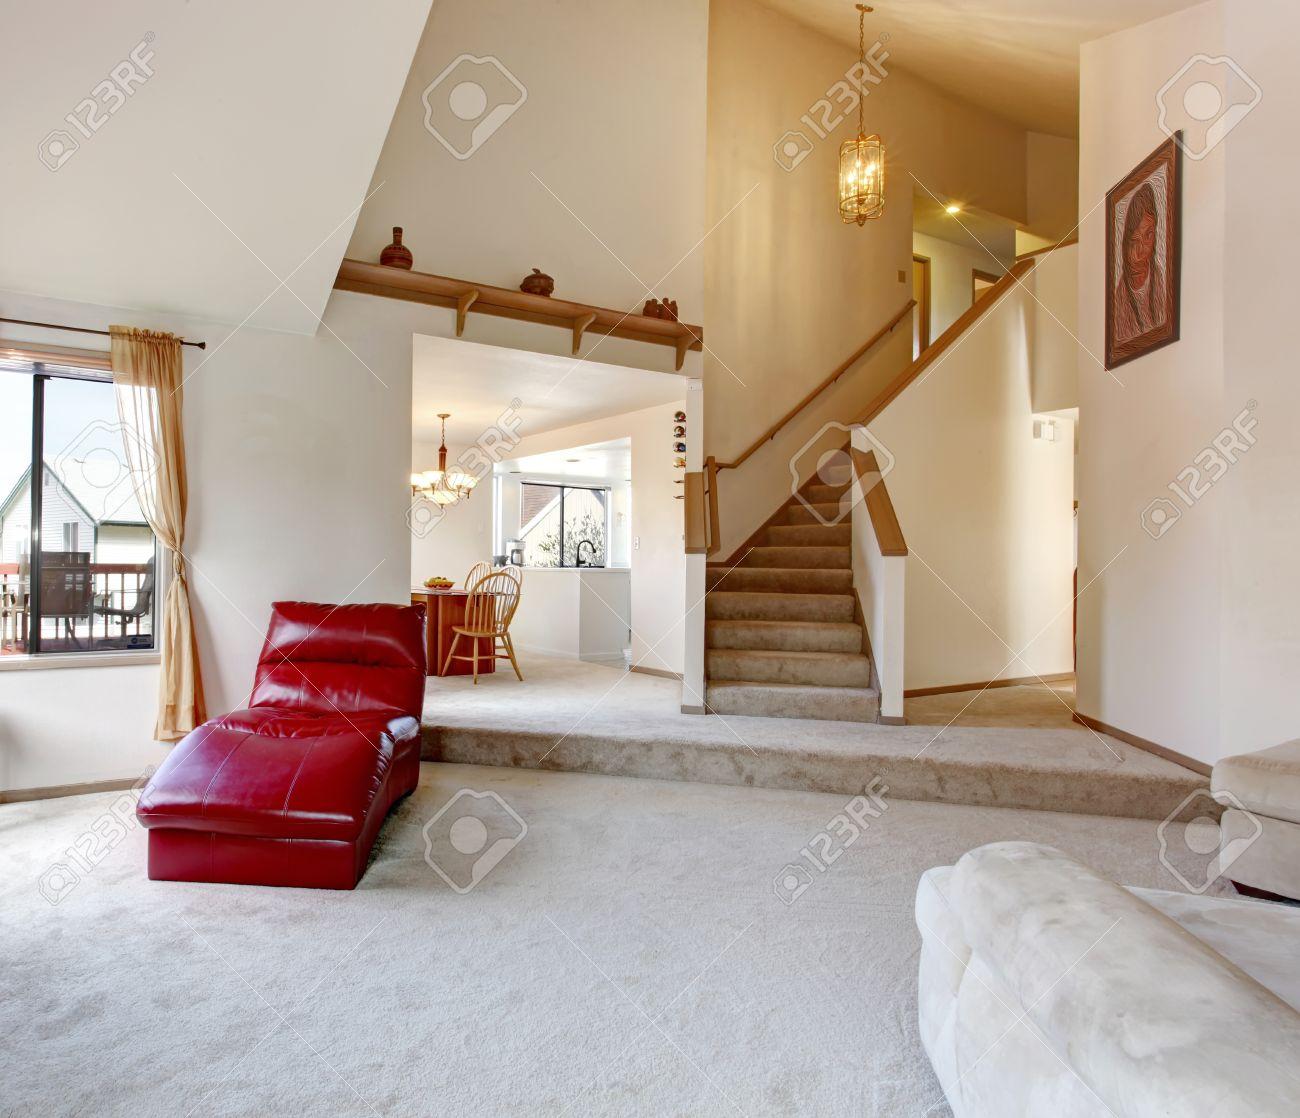 Wohnzimmer Beleuchtung Decke: Beleuchtung wohnzimmer tipps fuer ...